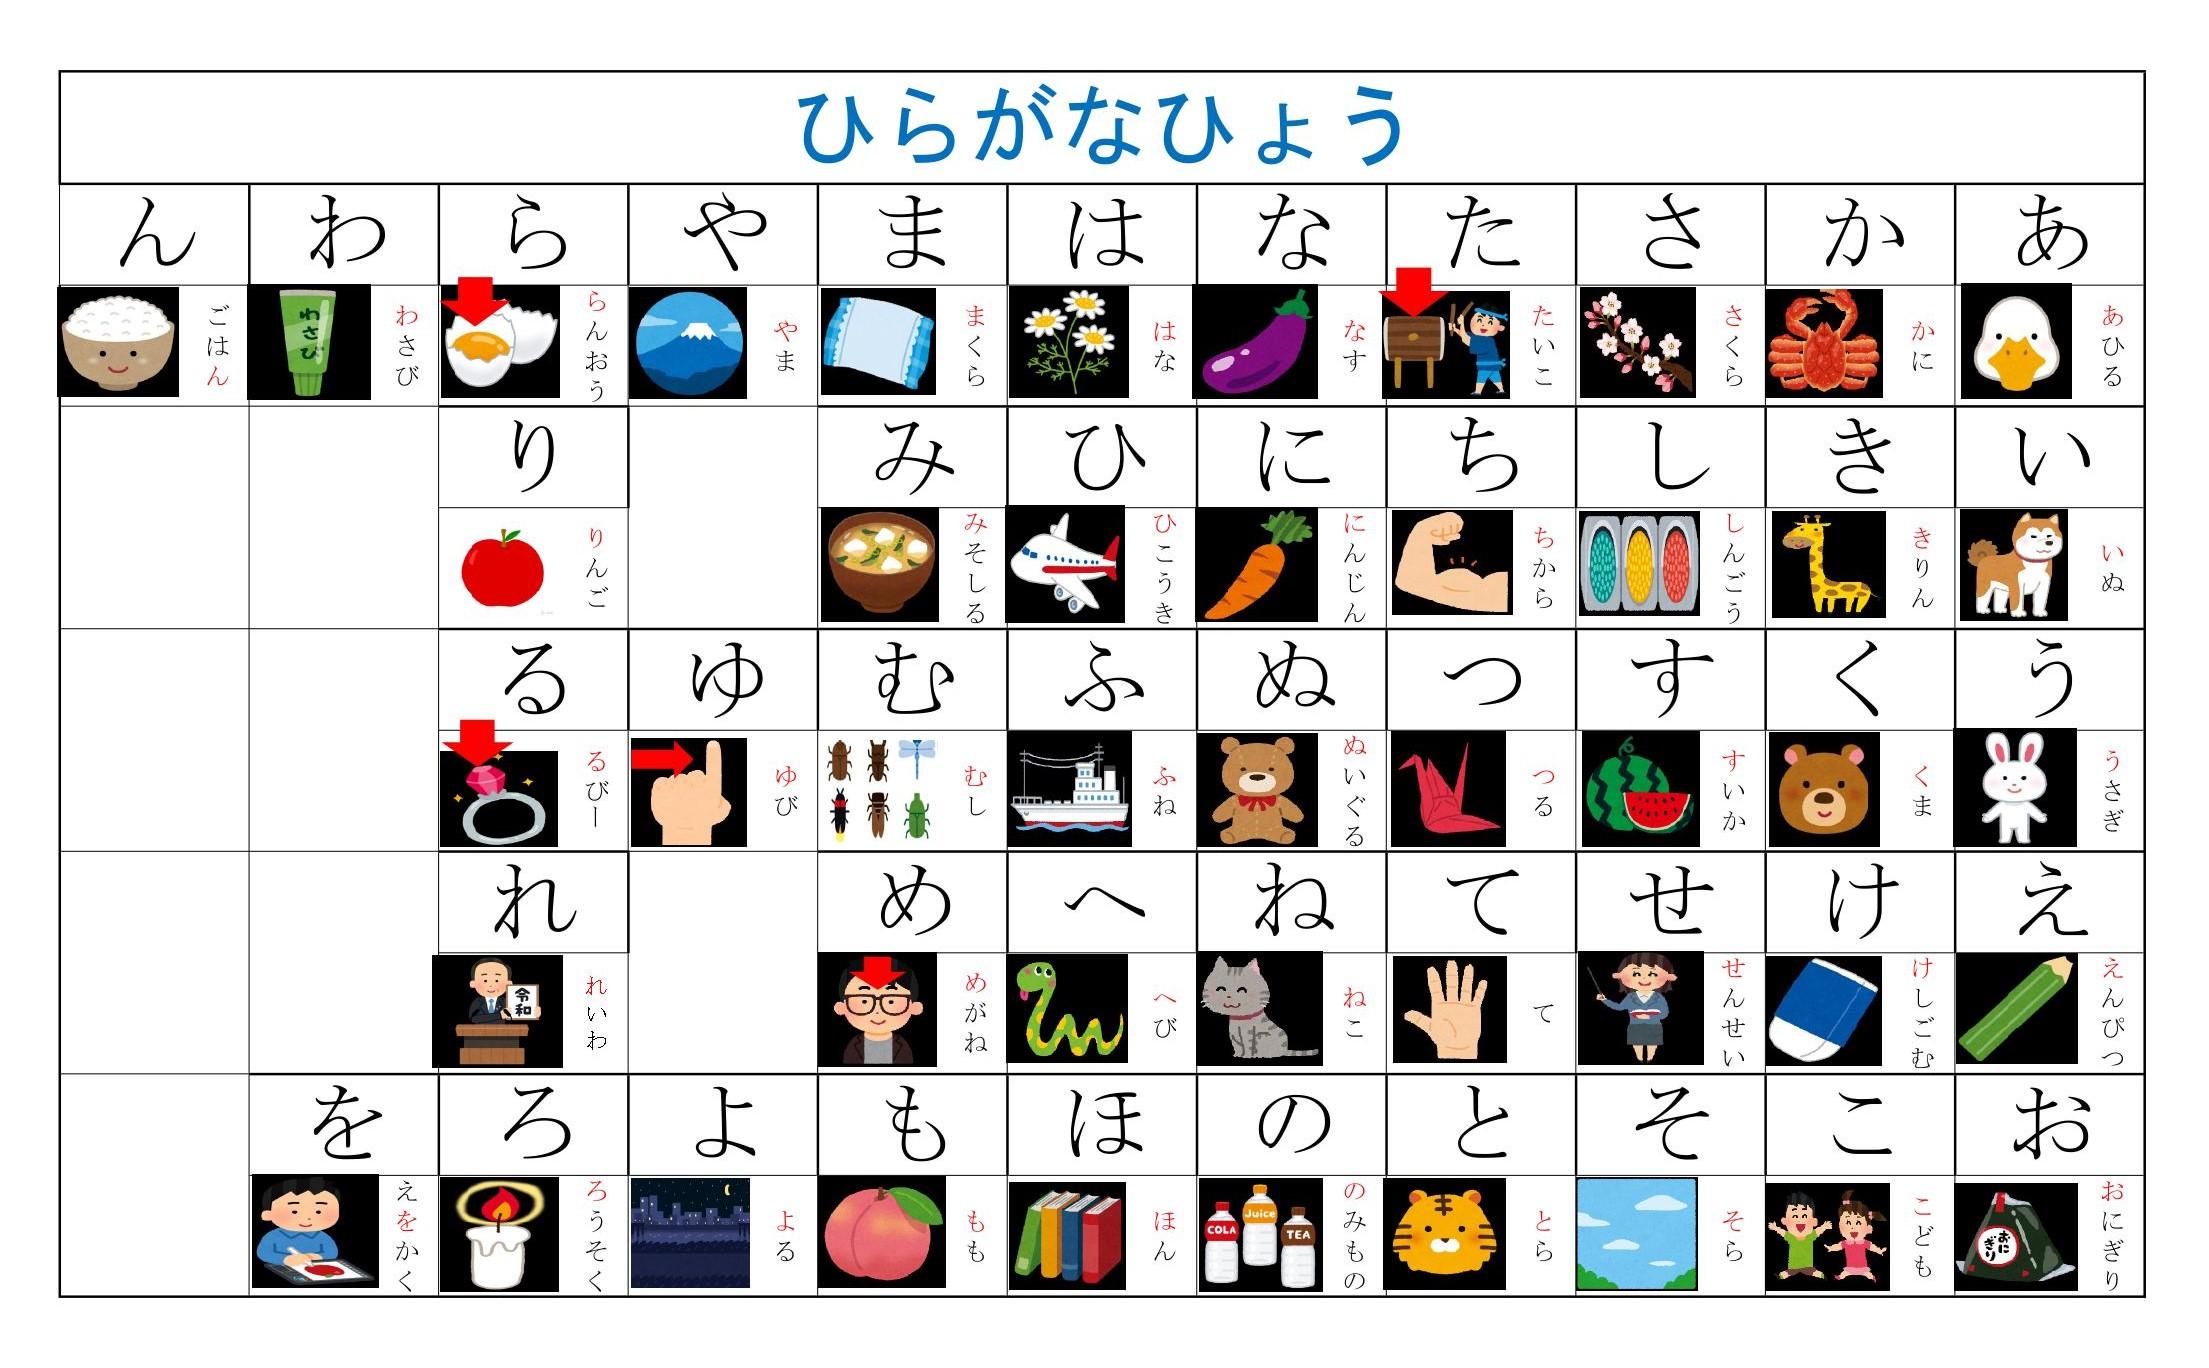 hiragana_chart_berlitz.jpg